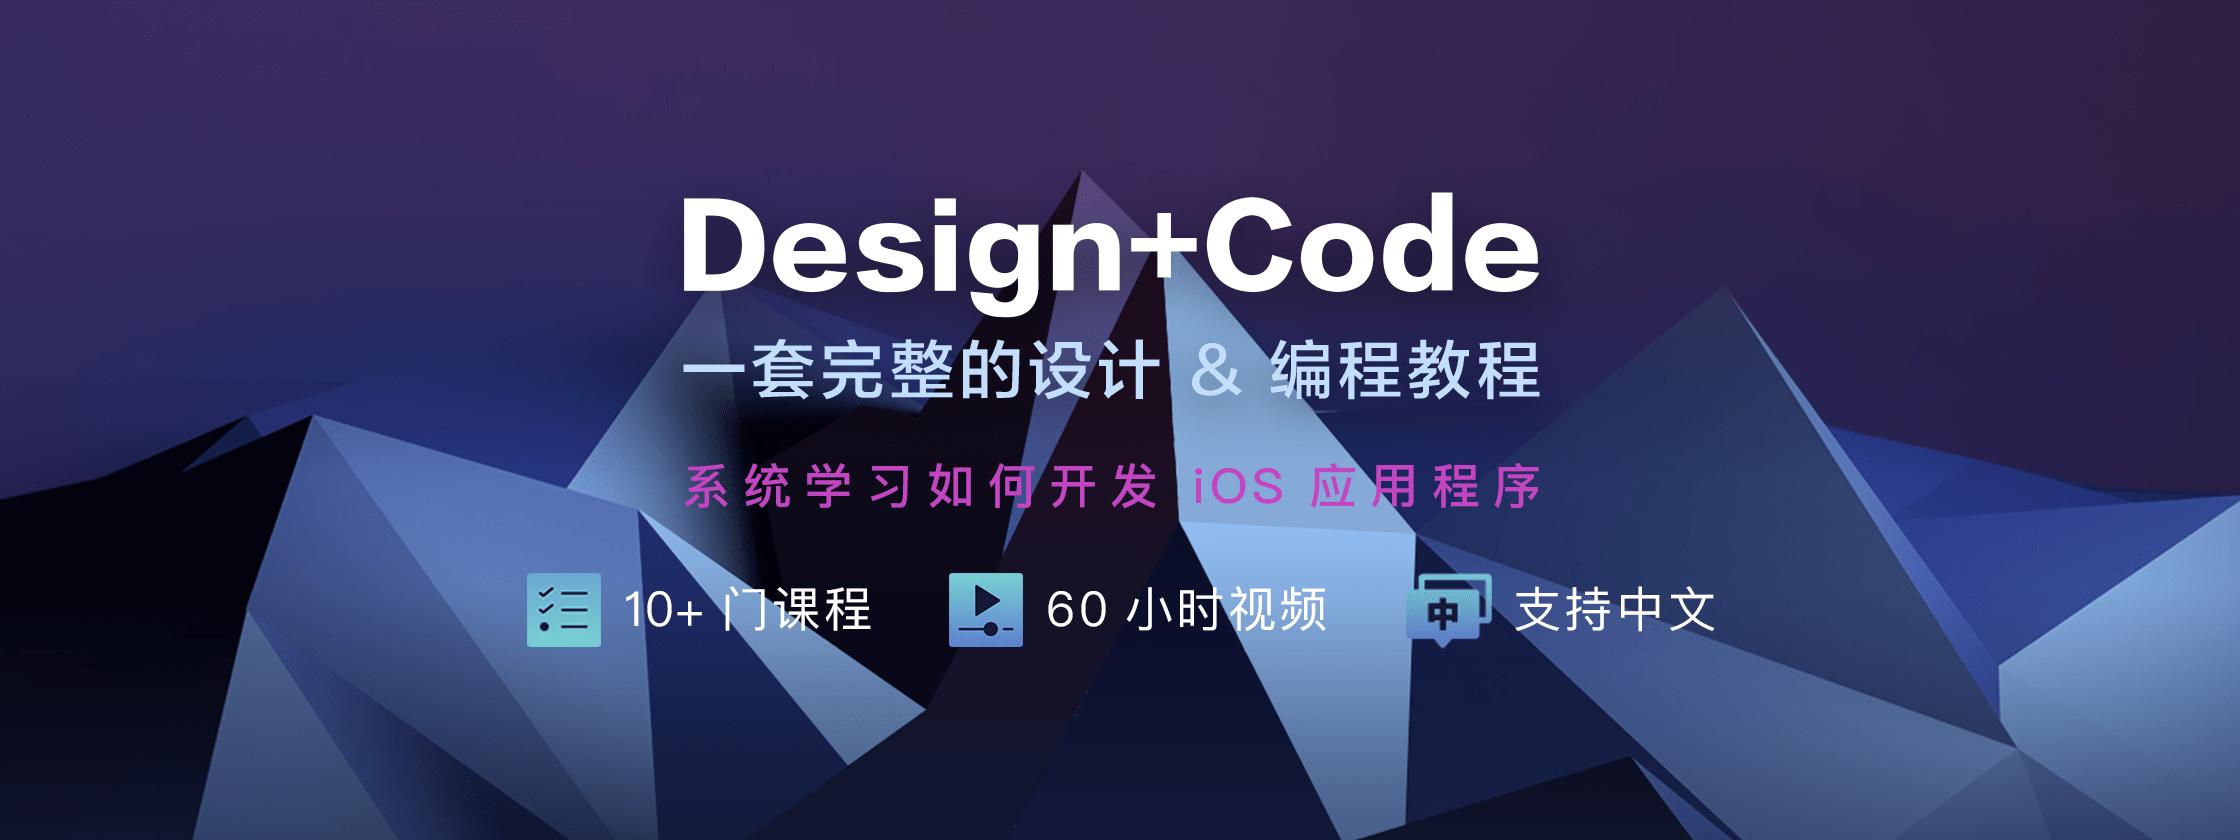 Design+Code: 一套优秀的设计 & 编程教程,支持中文